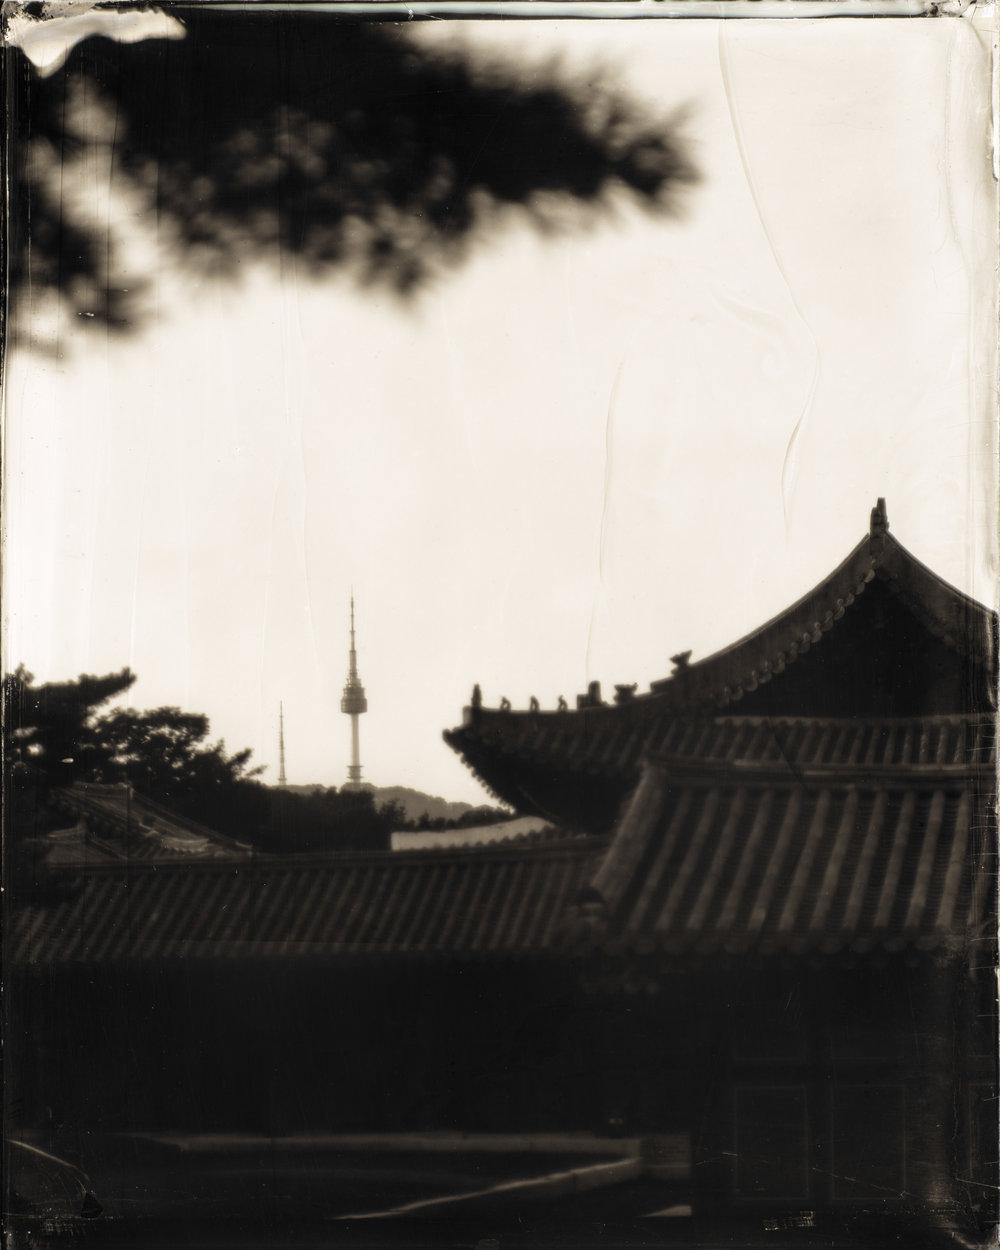 韓国-ソウル-昌慶宮  대한민국-서울-창경궁  South Korea-Seoul-Changgyeong Palace